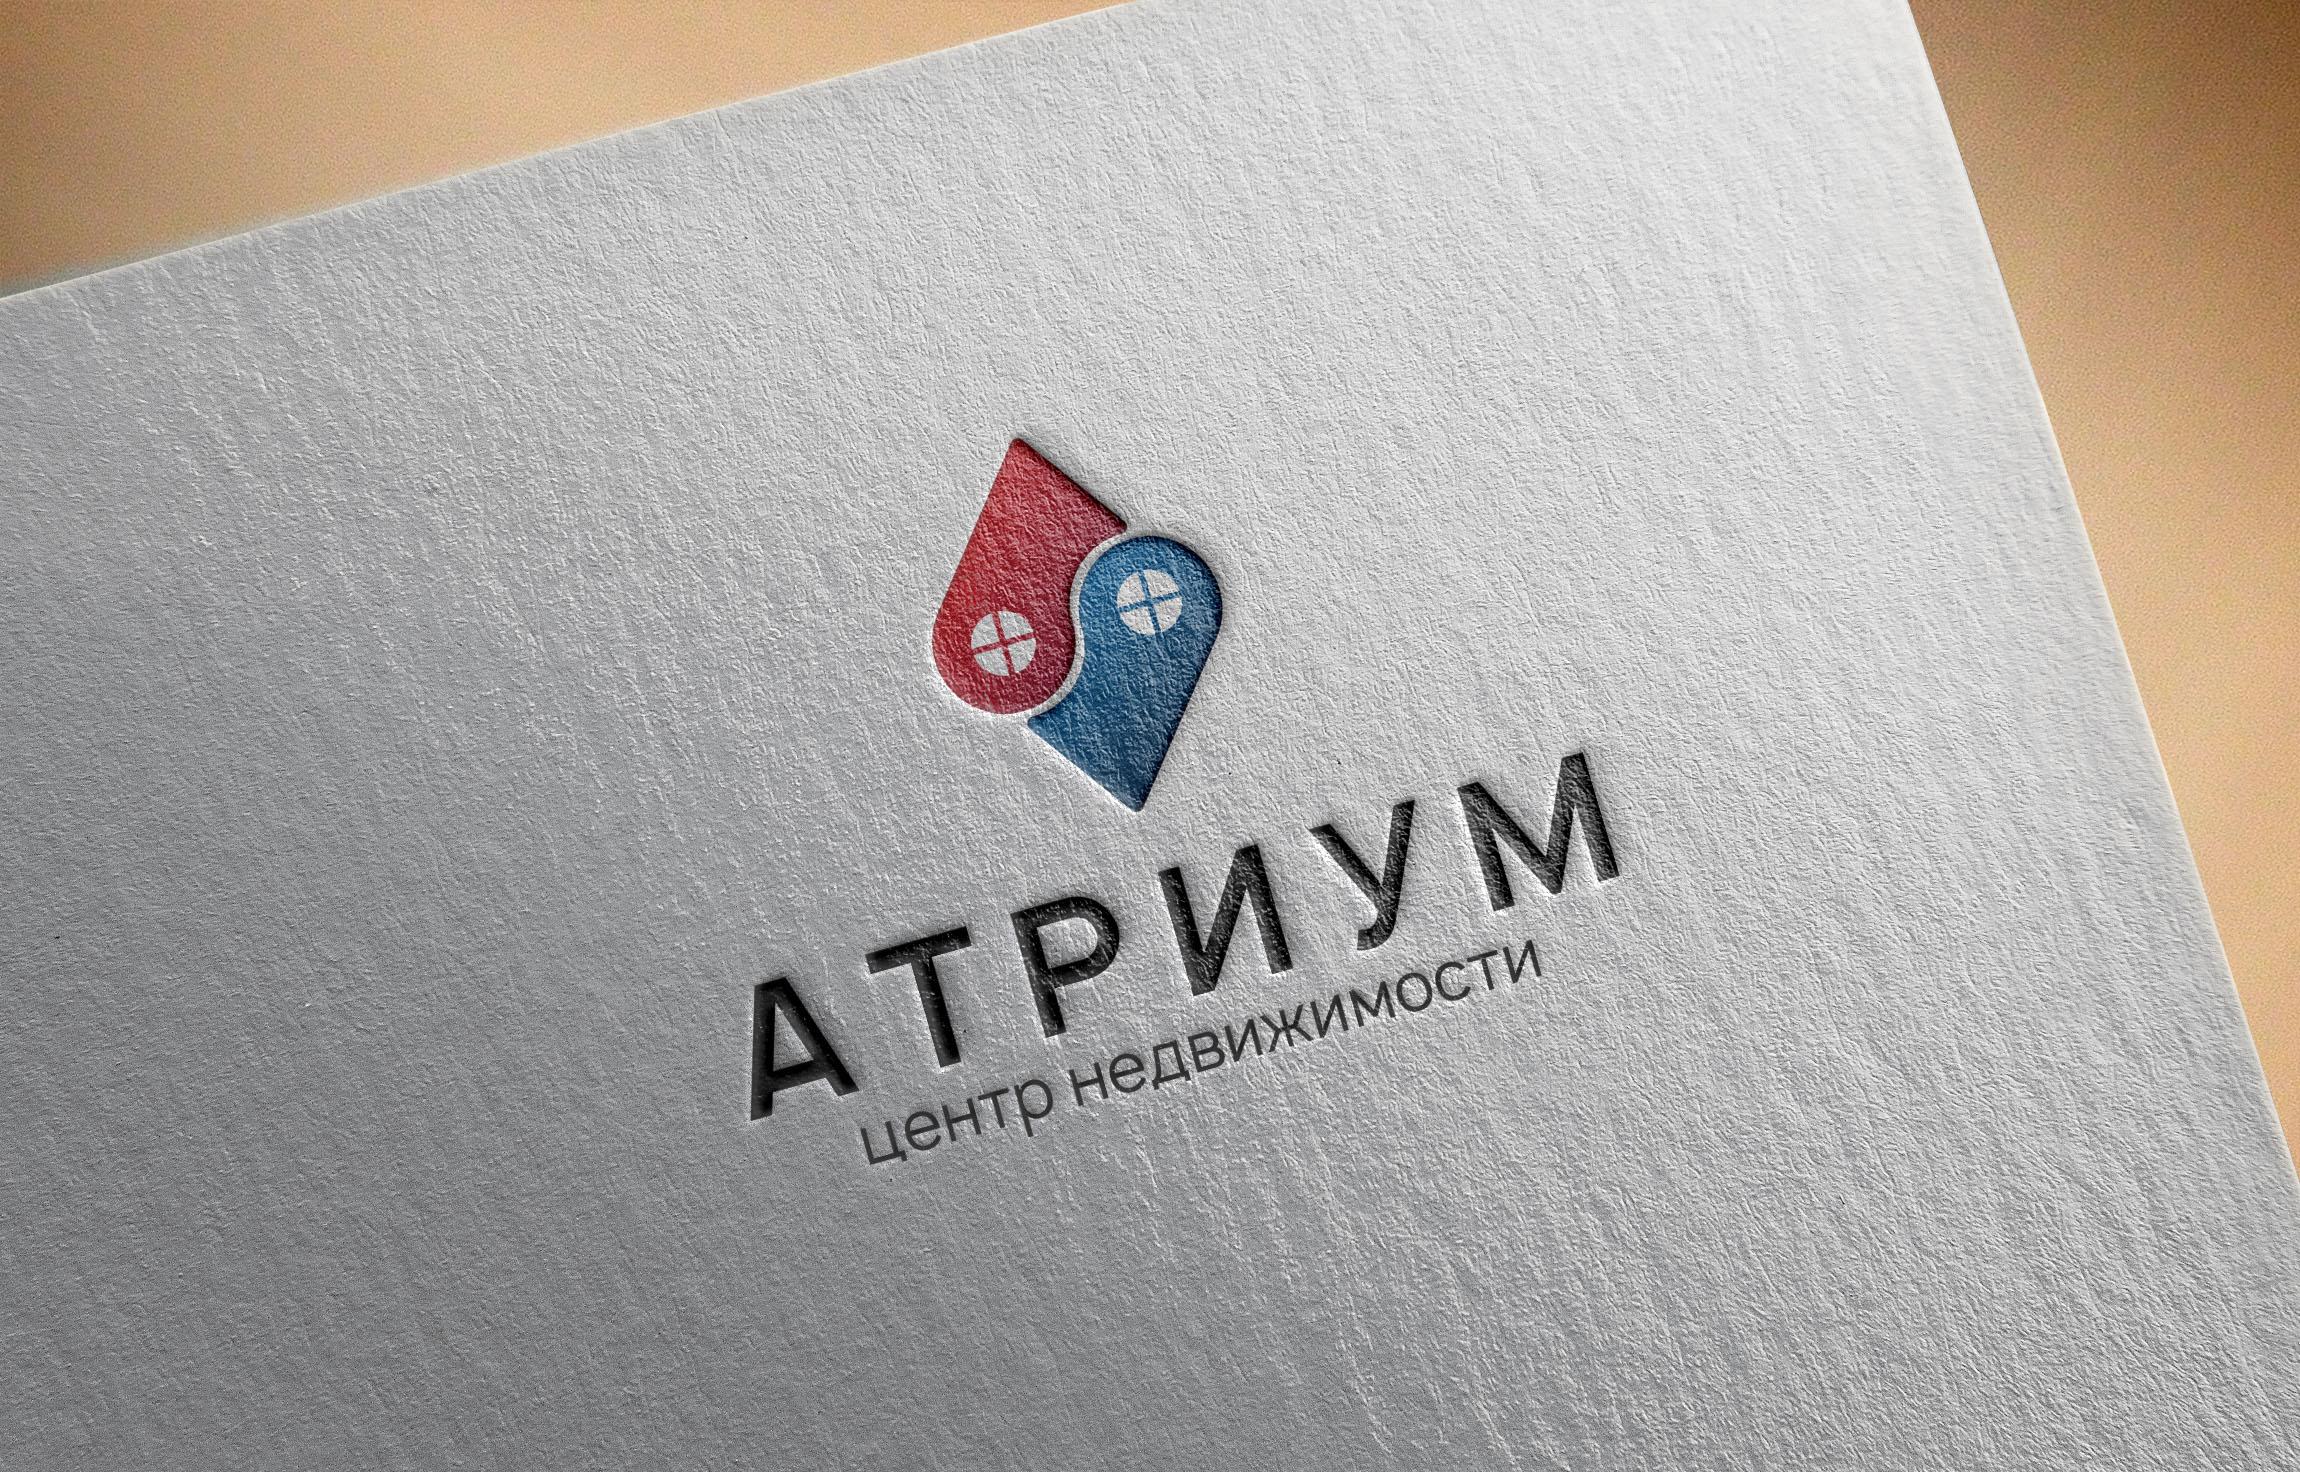 Редизайн / модернизация логотипа Центра недвижимости фото f_6915bcf500c0f629.jpg